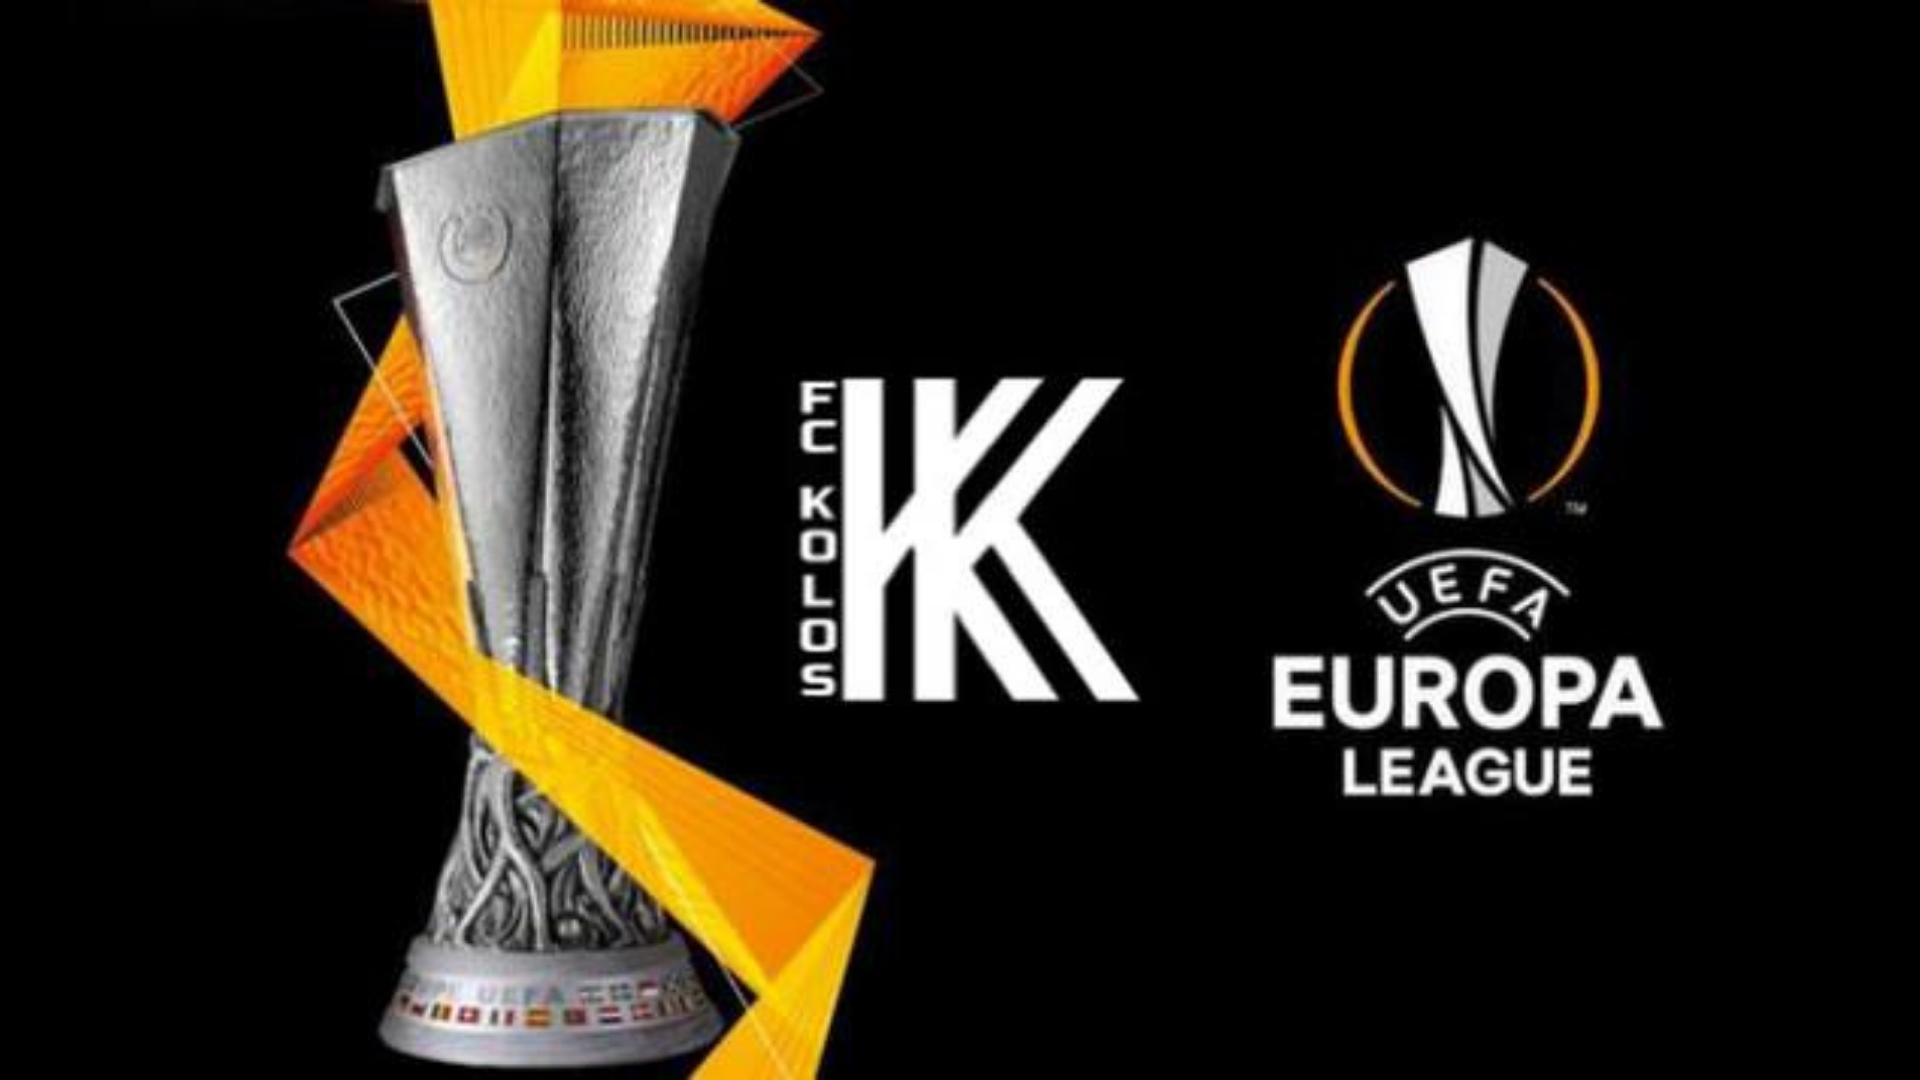 Жеребьевка Лиги Европы: Колос узнал потенциального соперника по третьему раунду квалификации